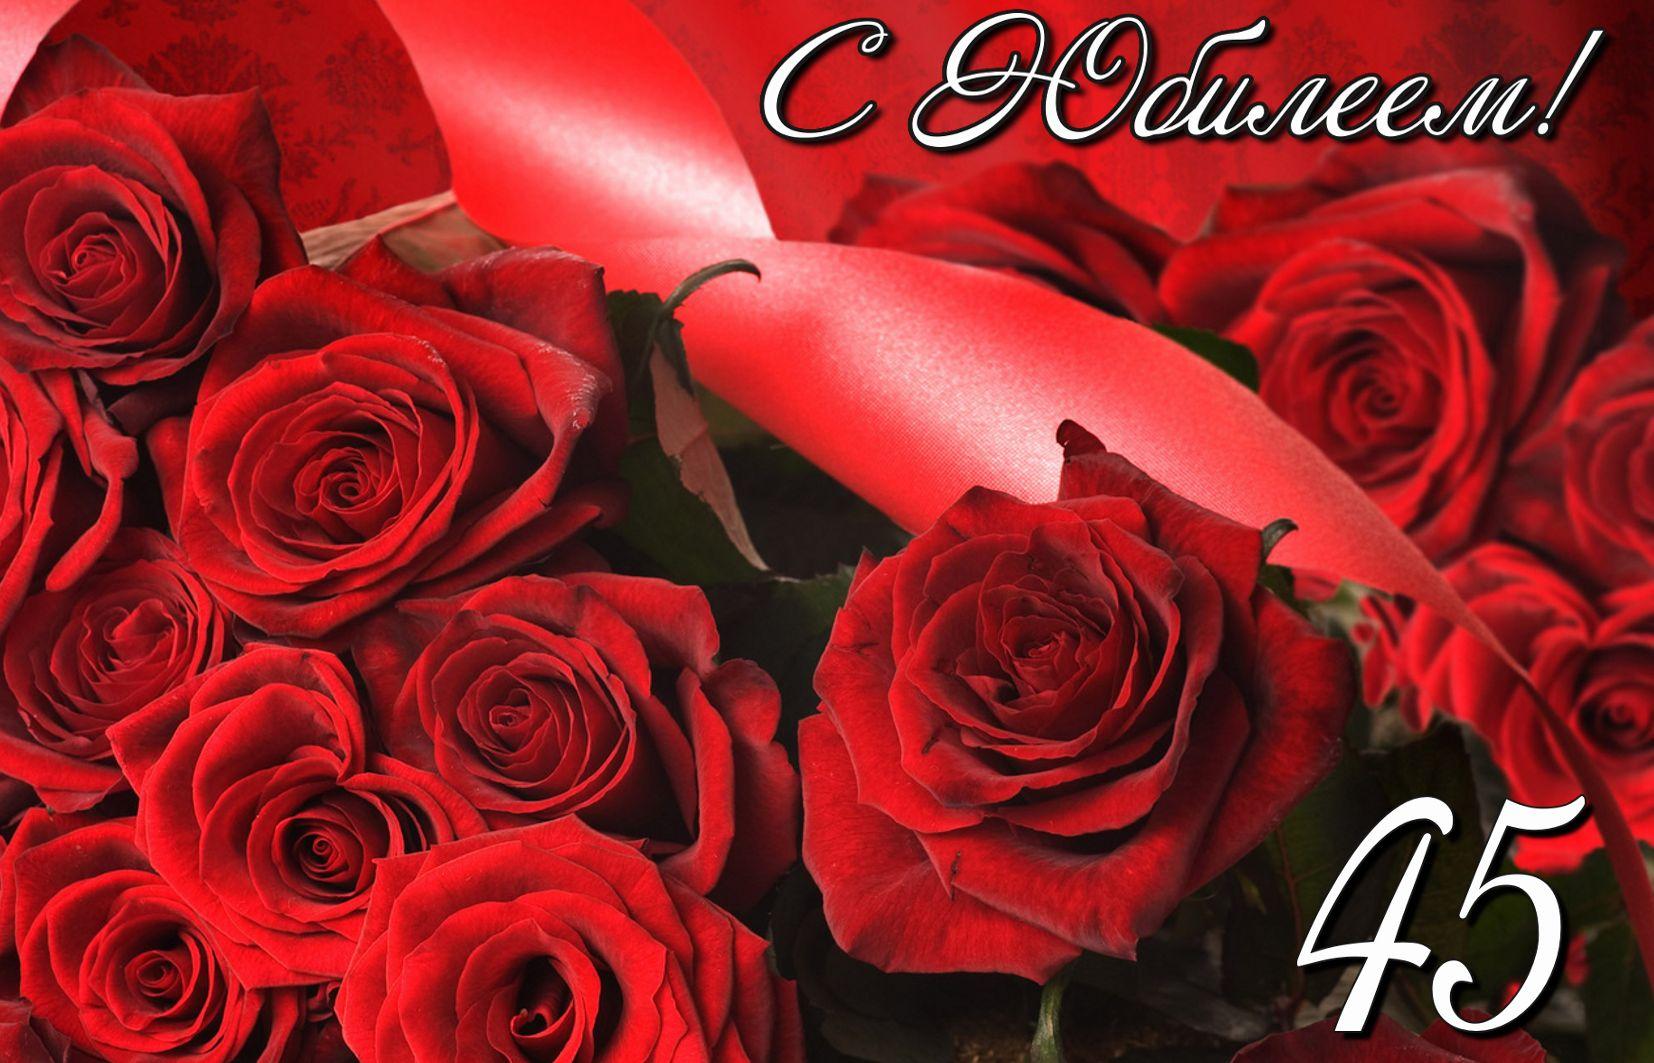 Открытка на юбилей 45 лет - красивые розы в красном оформлении